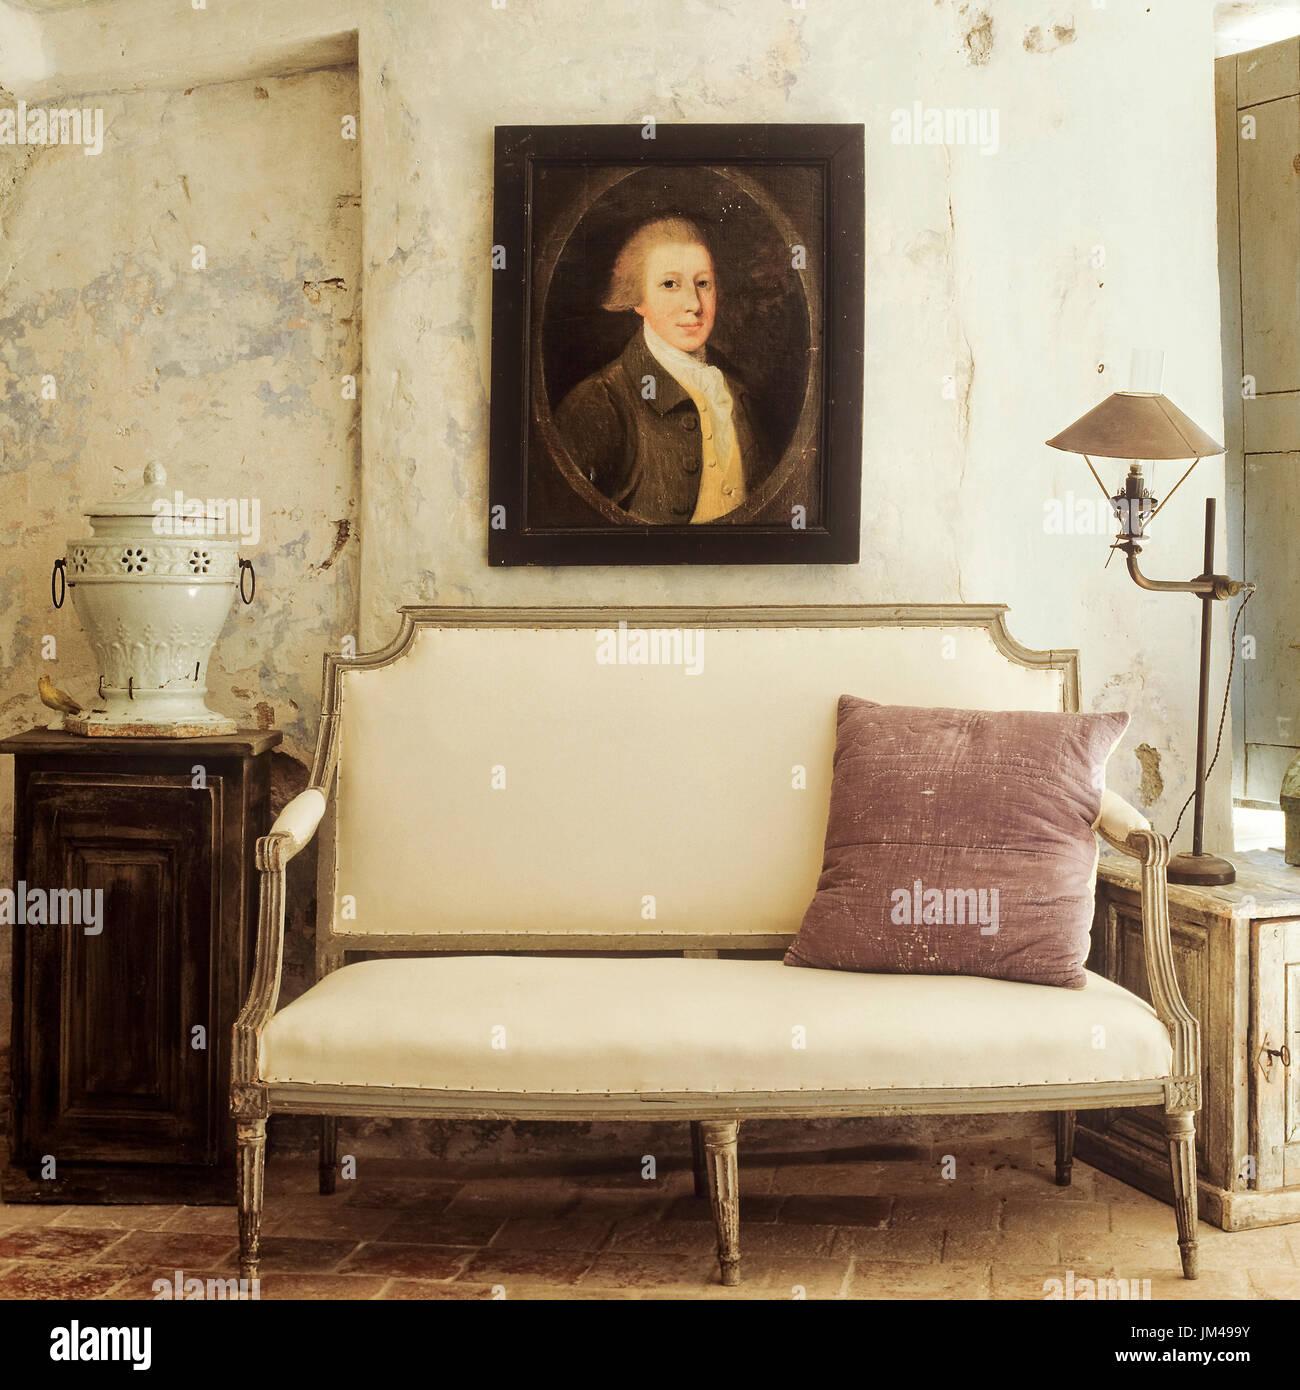 Mediterranen Stil Wohnzimmer Mit Vintage Mobeln Stockfoto Bild